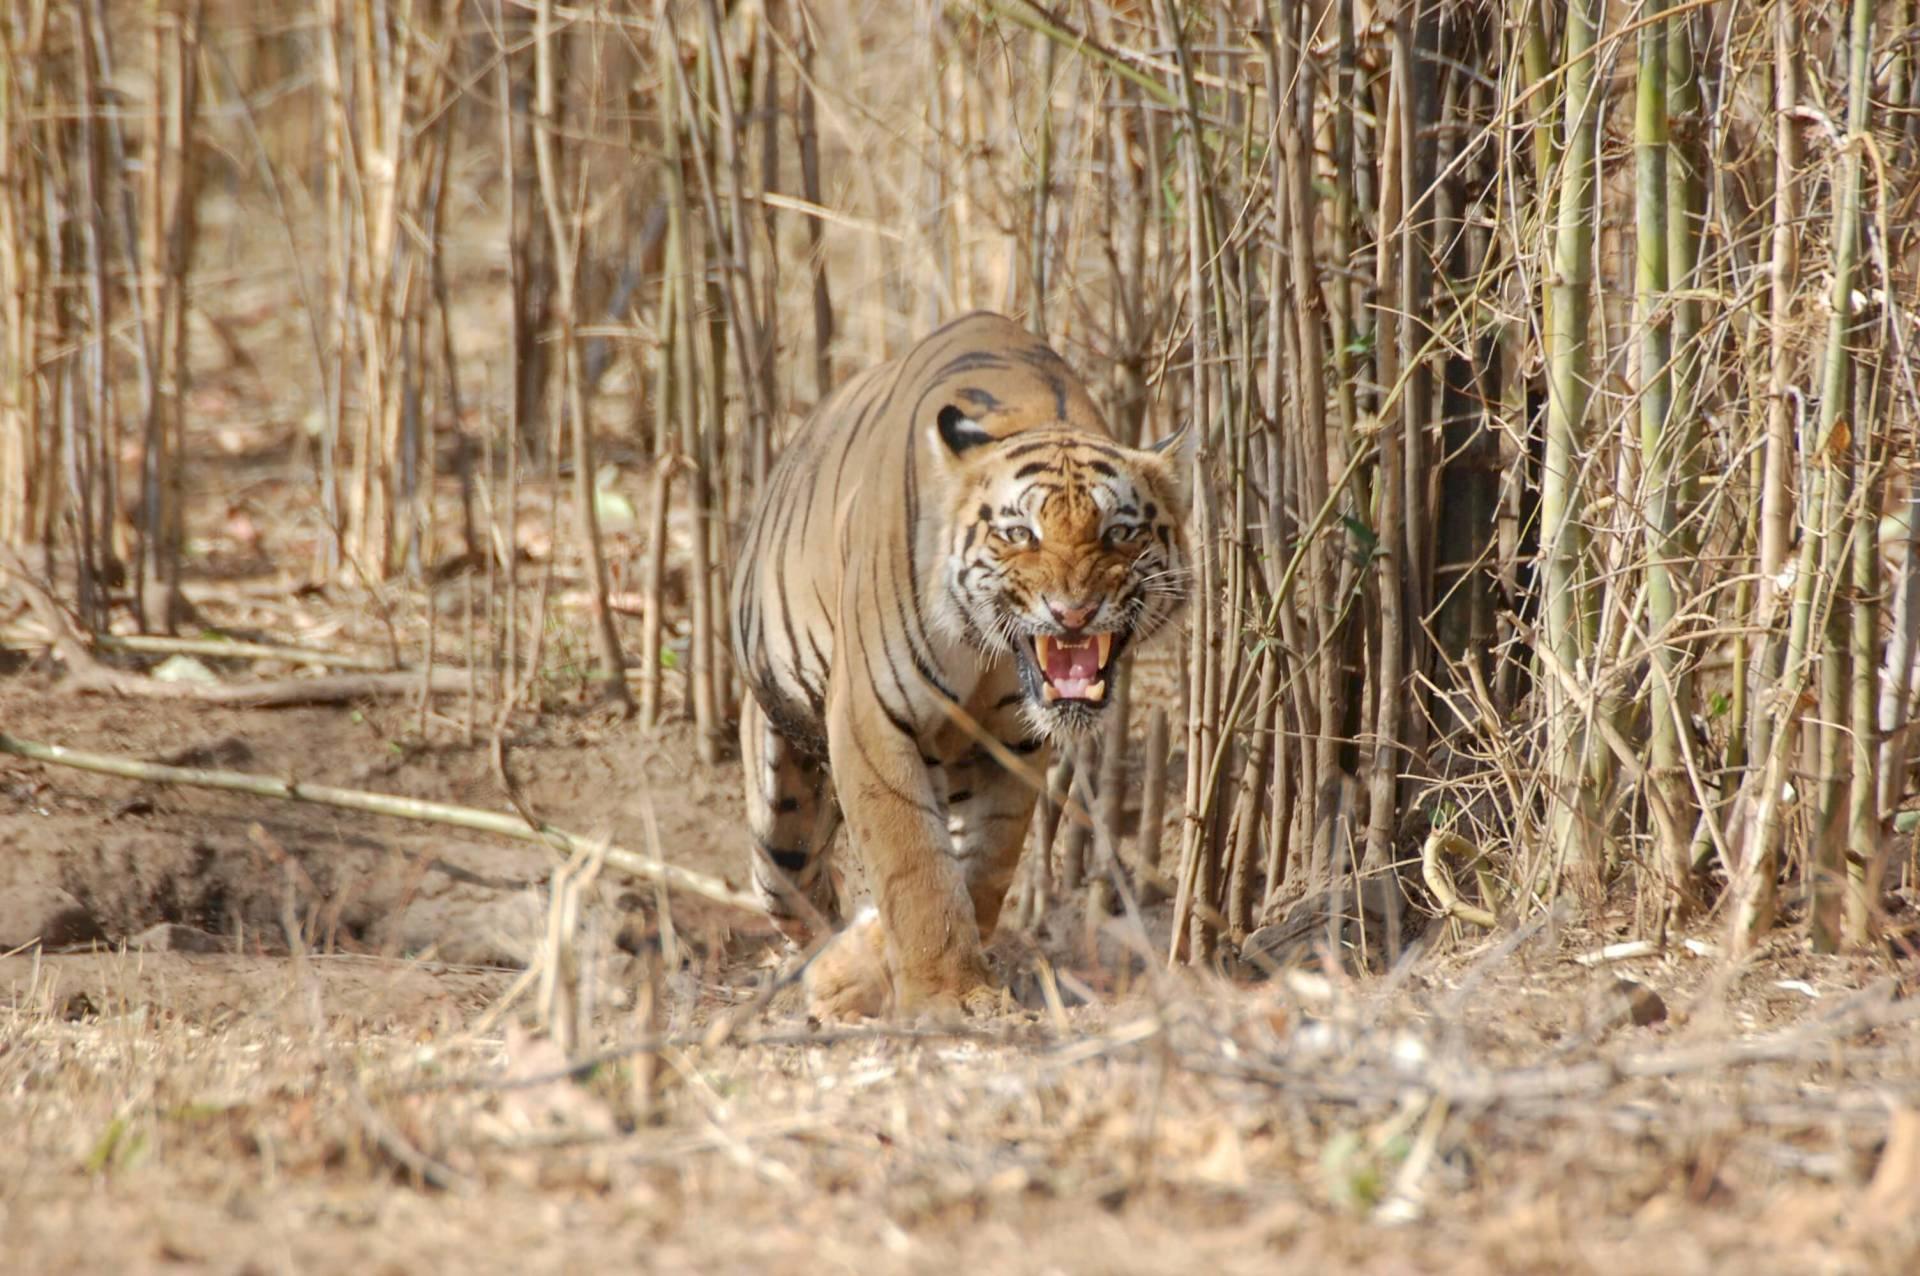 Tadoba Andhari Tiger Reserve